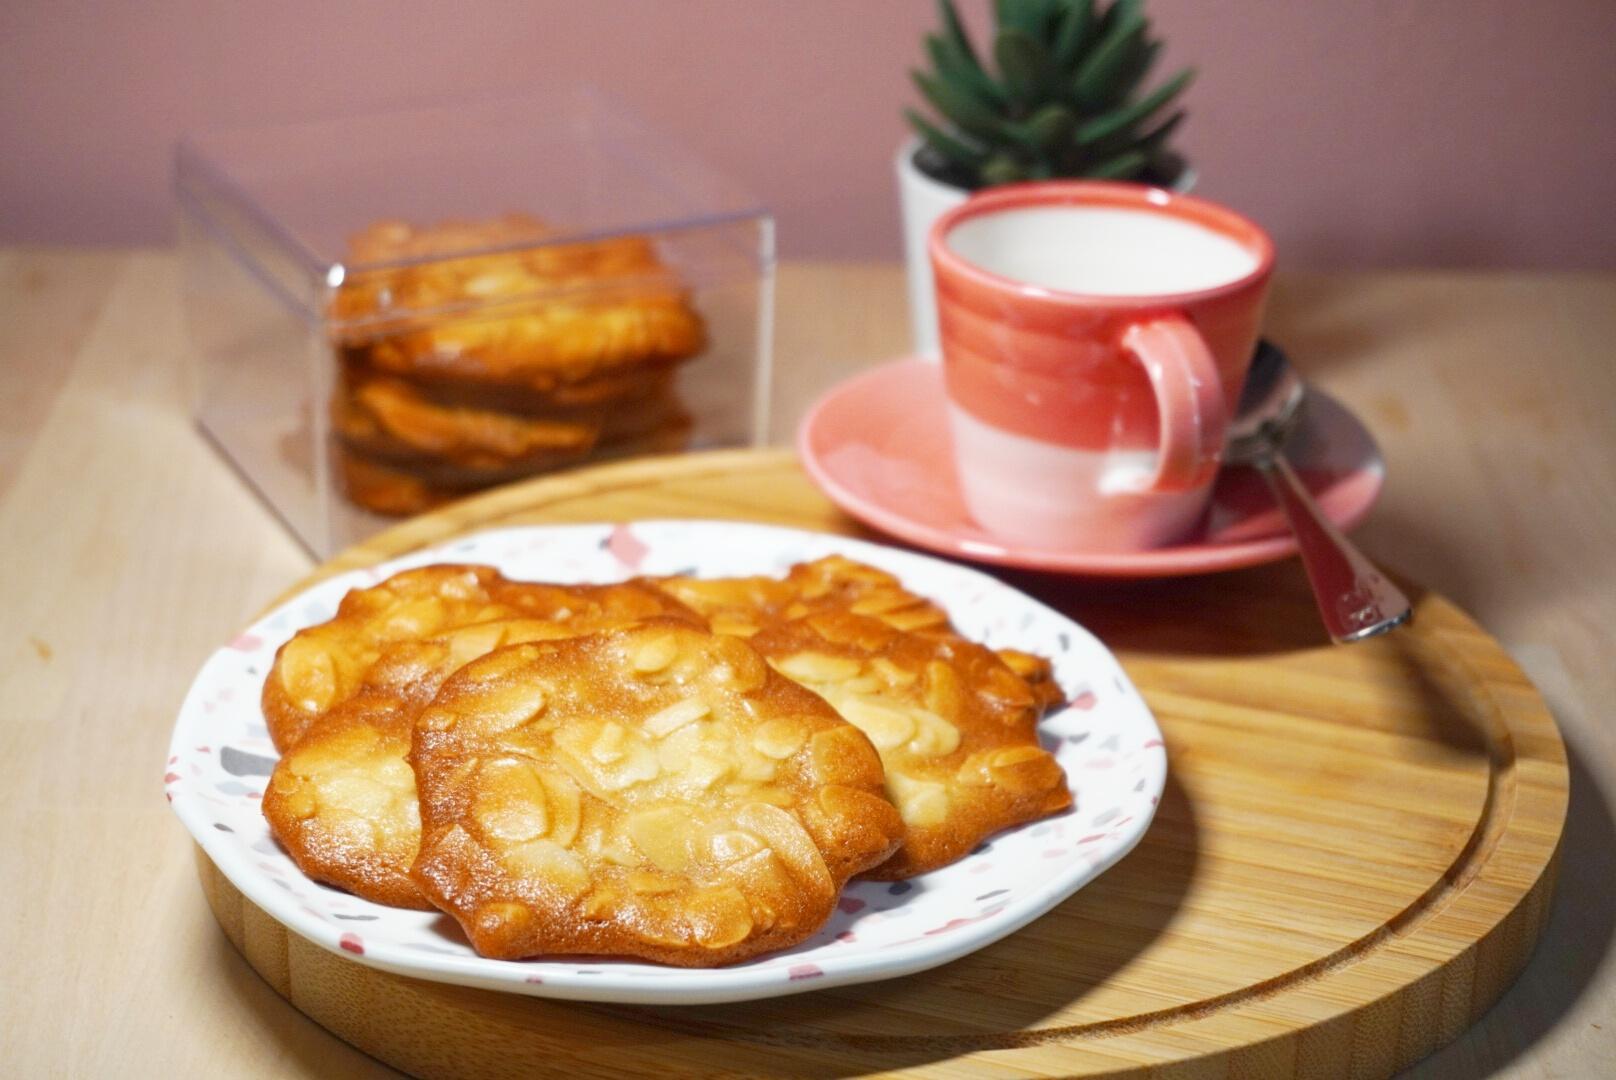 減糖的法式杏仁瓦片,雖然不經典但健康的杏仁餅乾